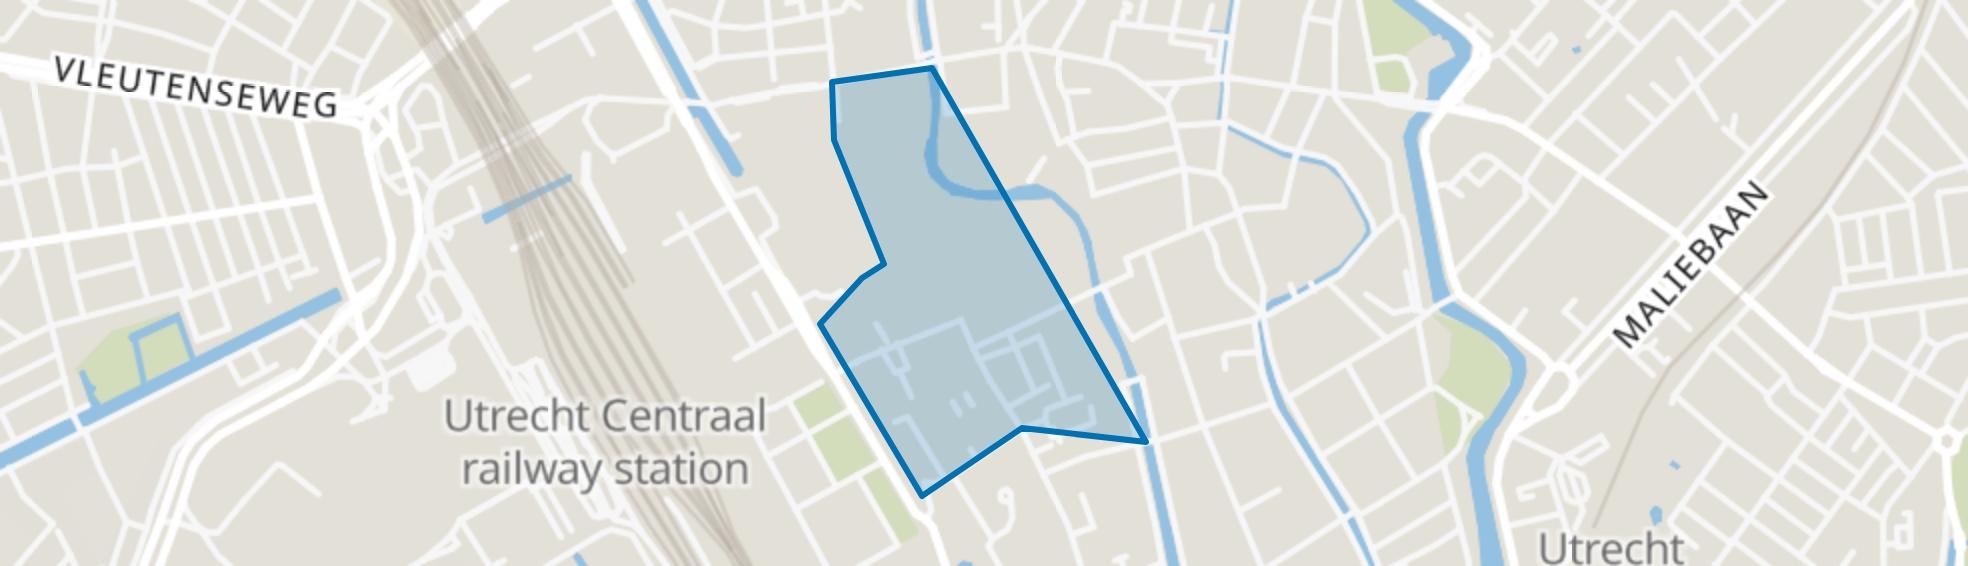 Lange Elisabethstraat, Mariaplaats en omgeving, Utrecht map